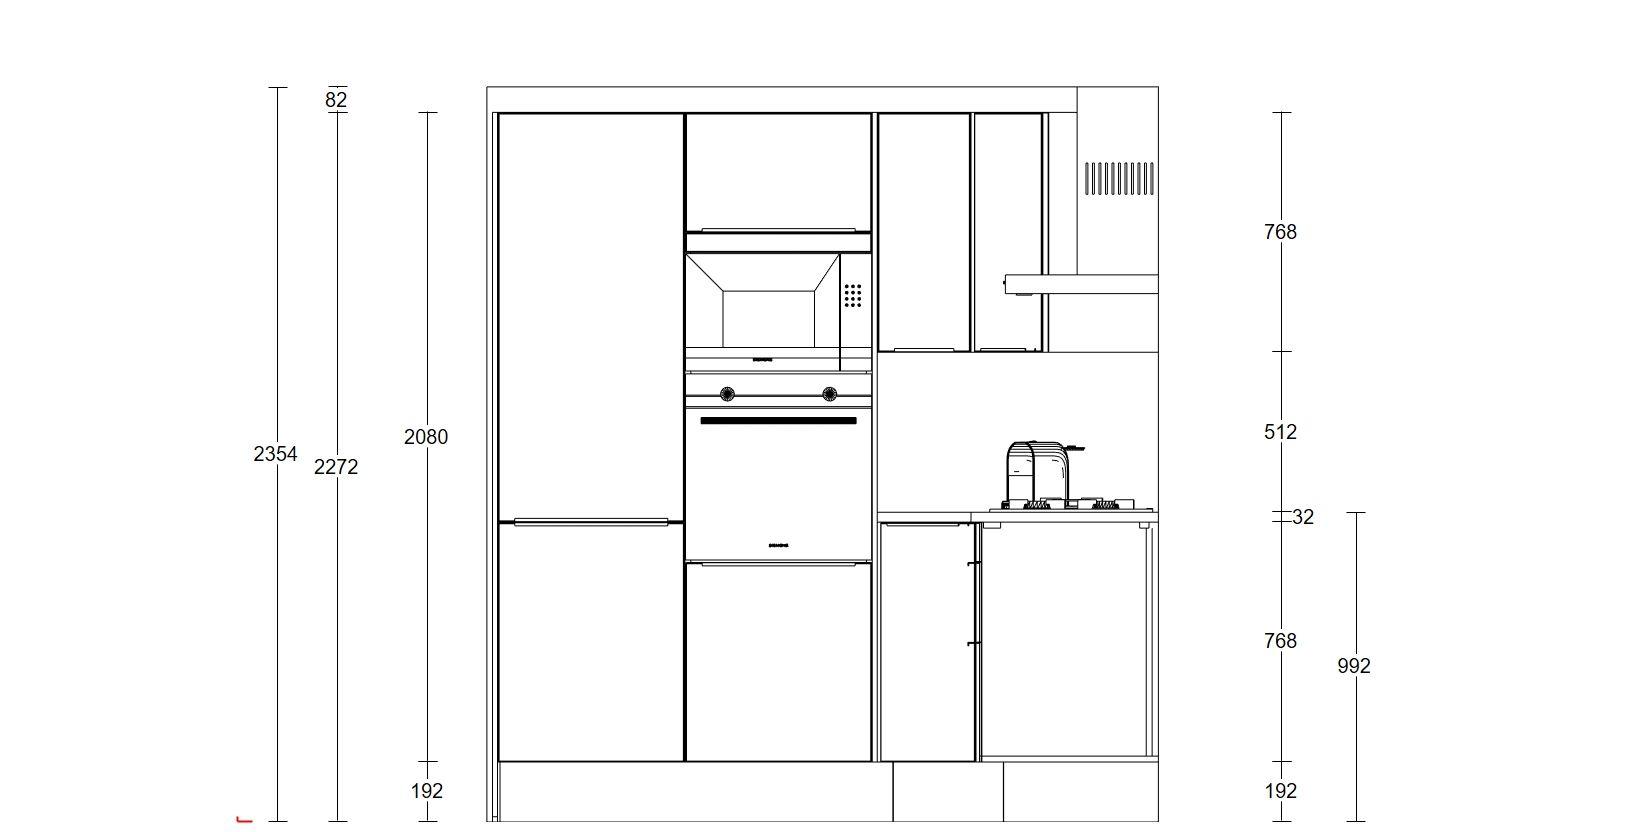 Keukenkasten en afzuiging